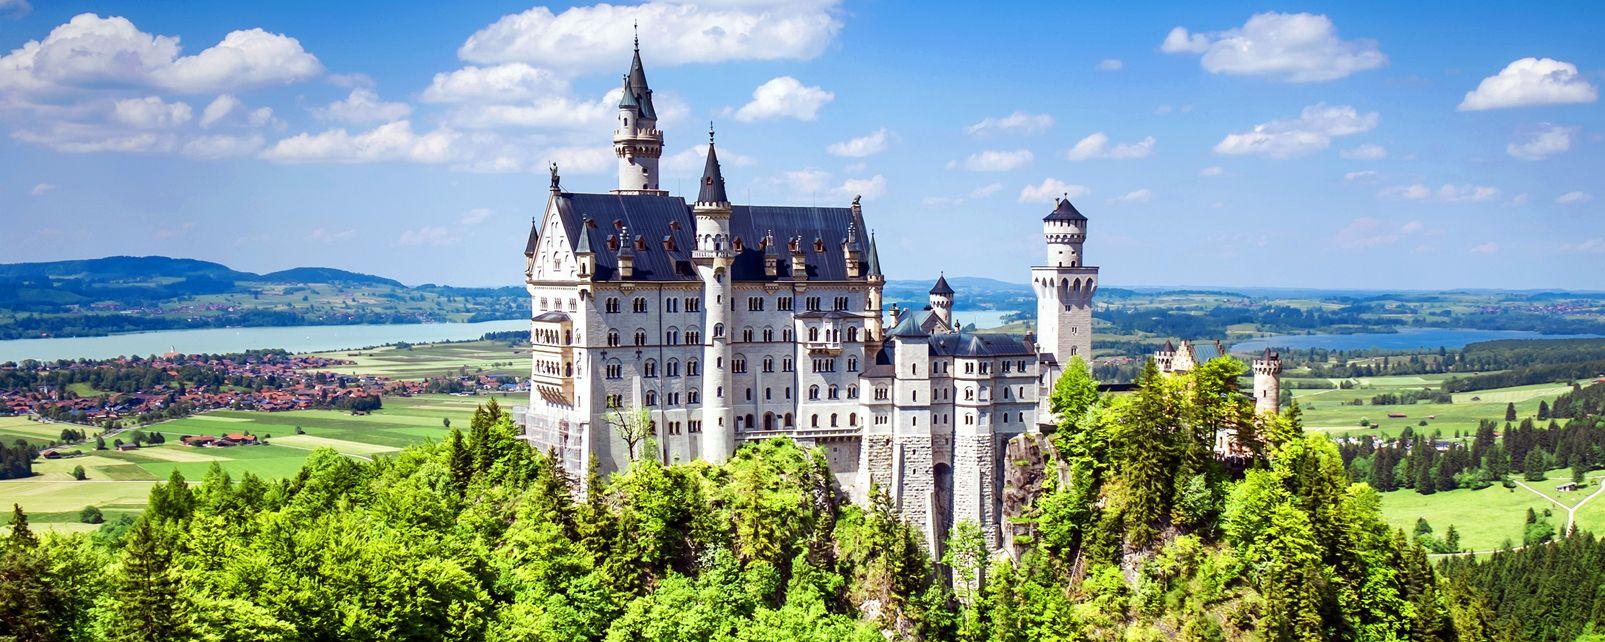 Préférence Le château de Neuschwanstein - Allemagne OZ75